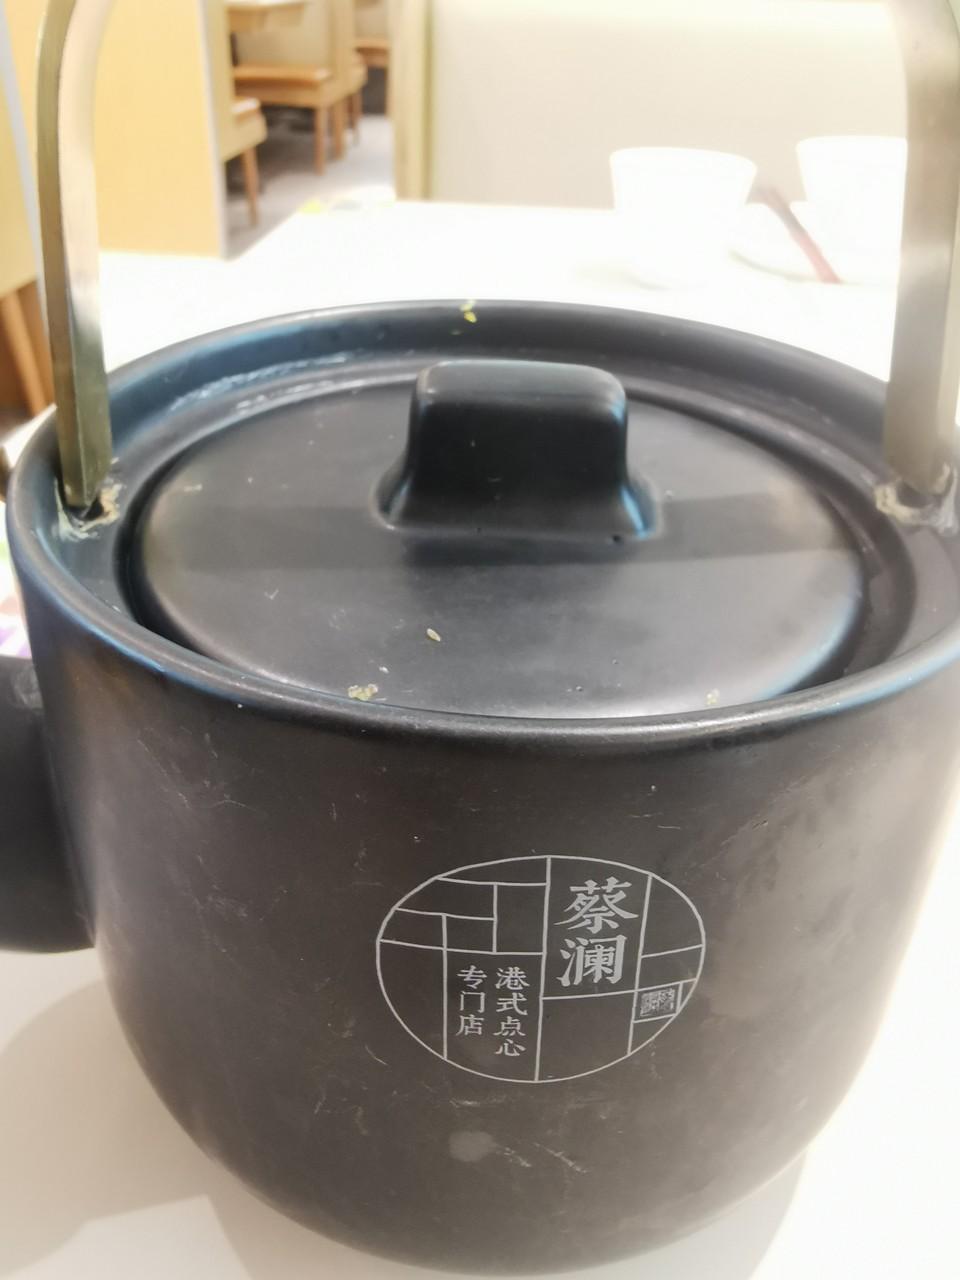 """蔡澜点心被上海市消保委认为优惠营销""""不厚道"""",此前食安检查发现自制饮料缺失标签"""